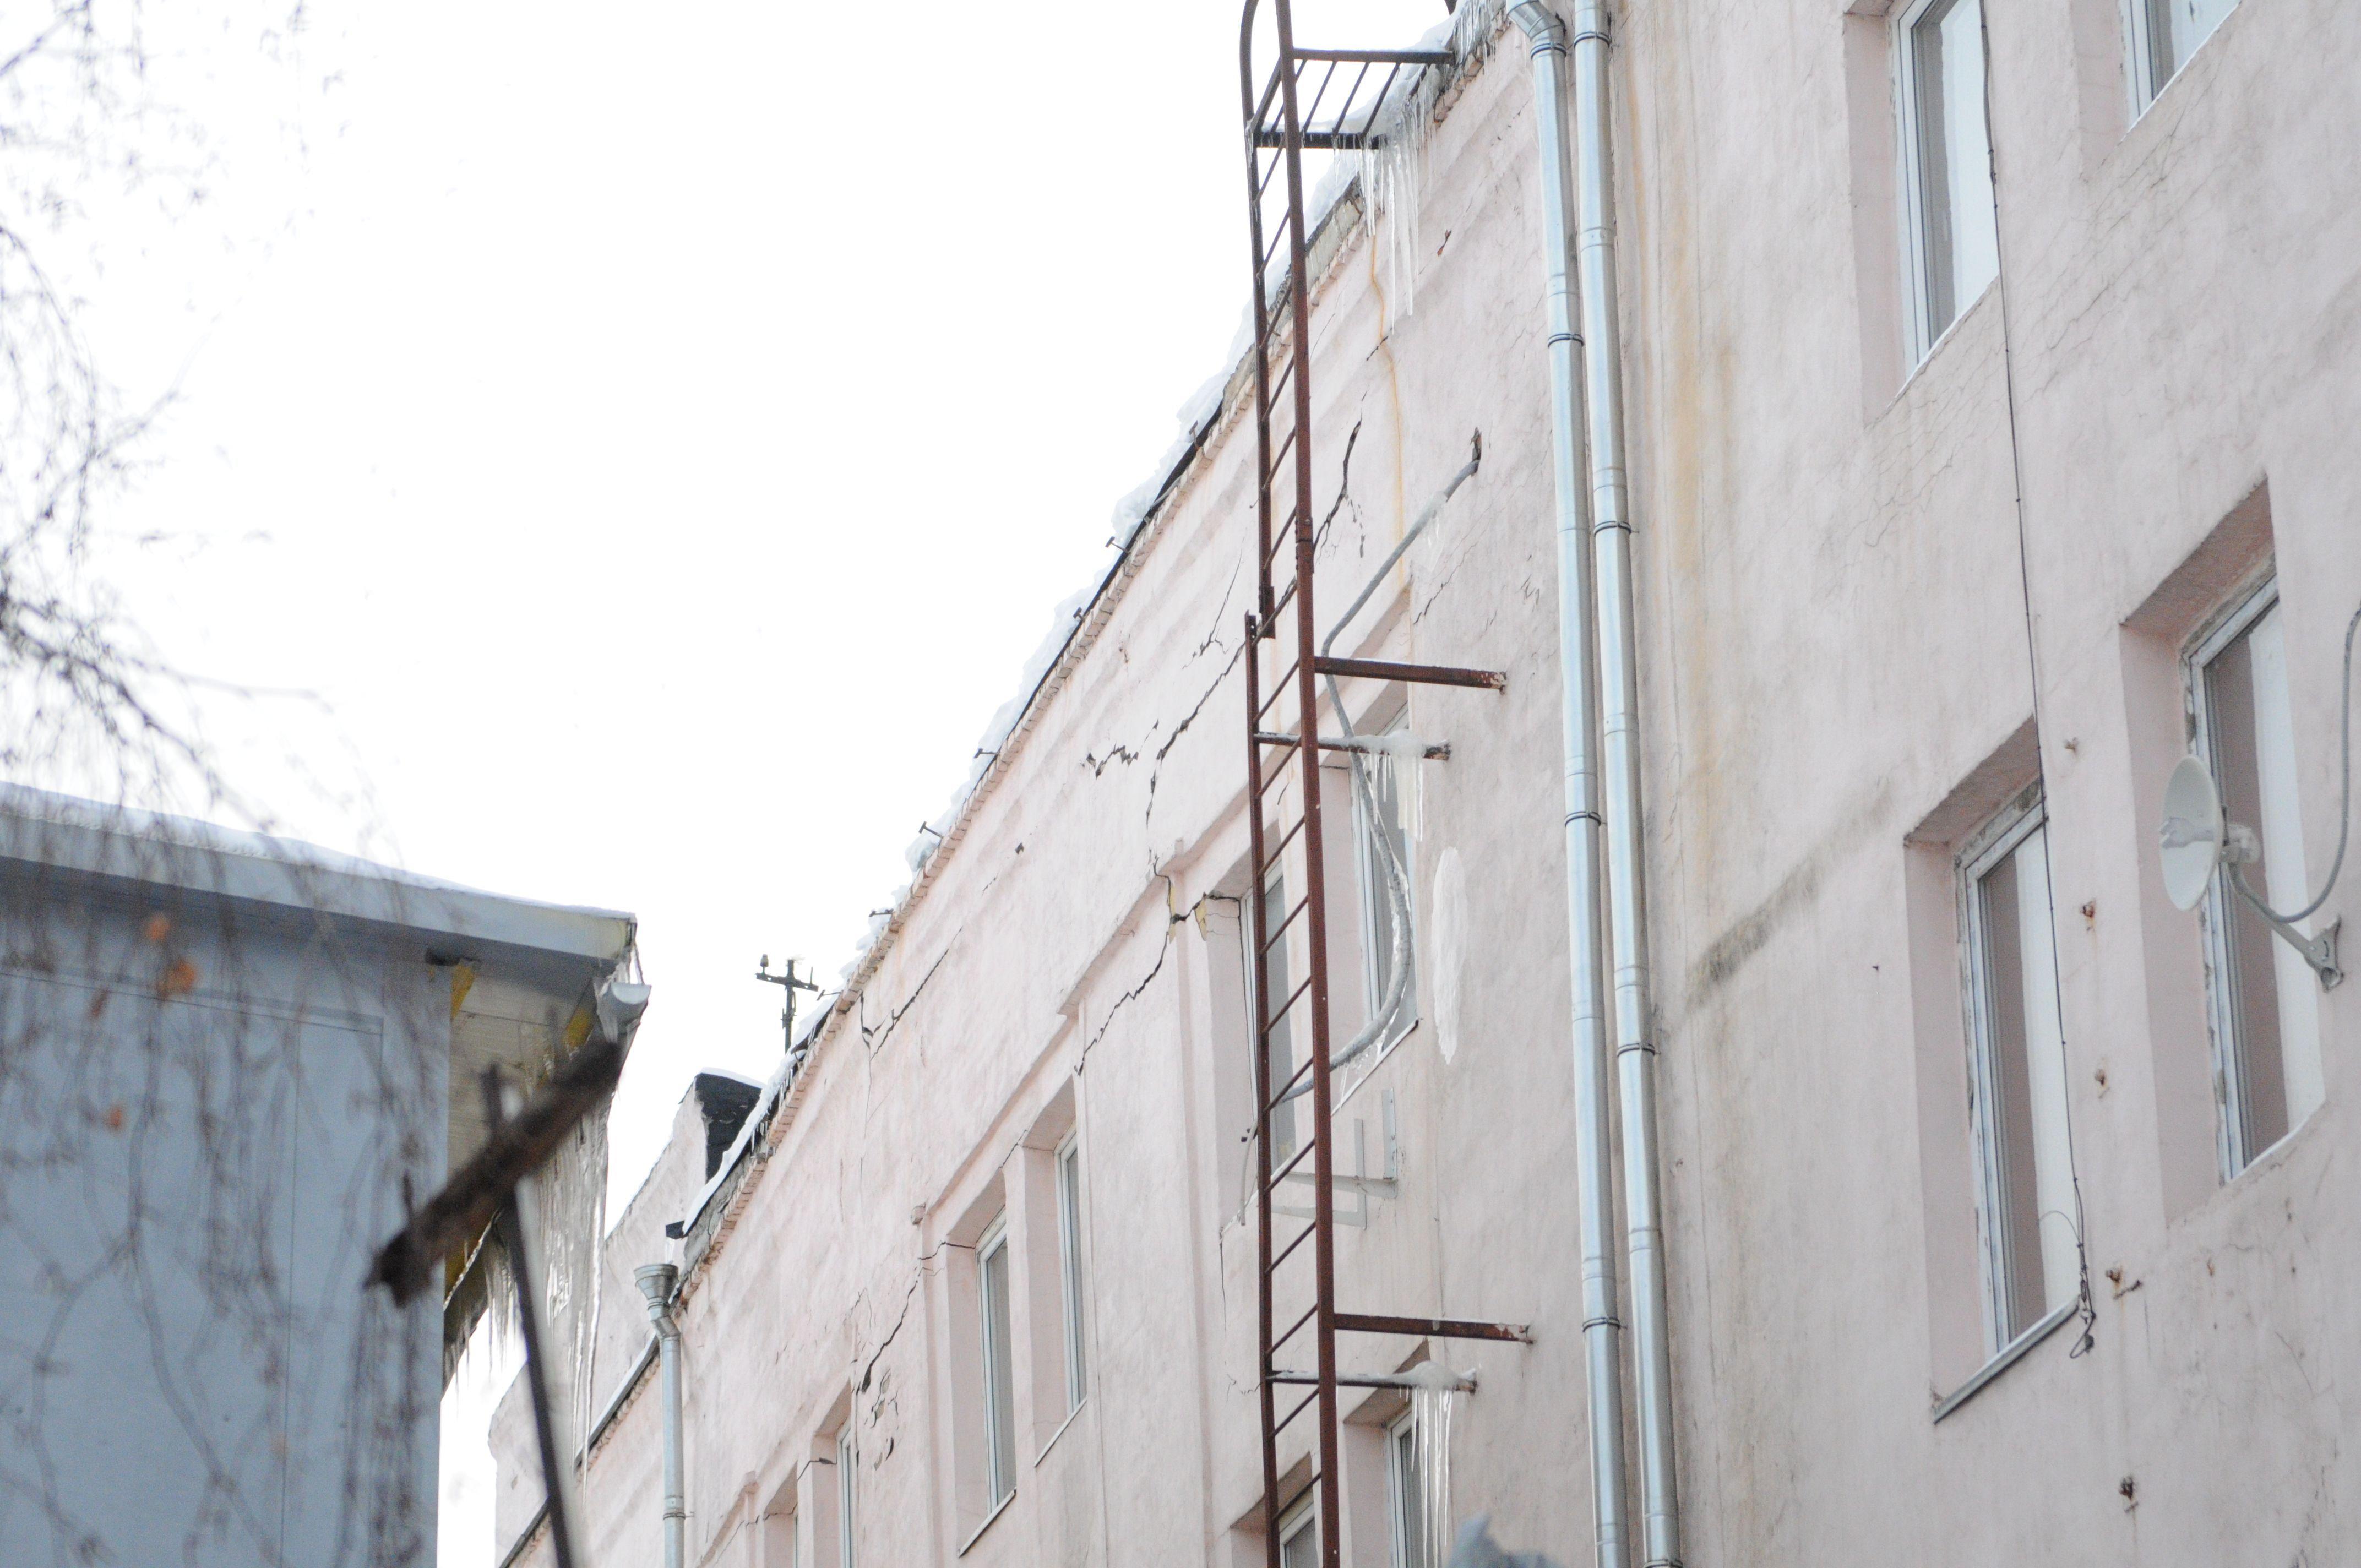 Специалисты отремонтируют фасады и кровли домов в Воскресенском